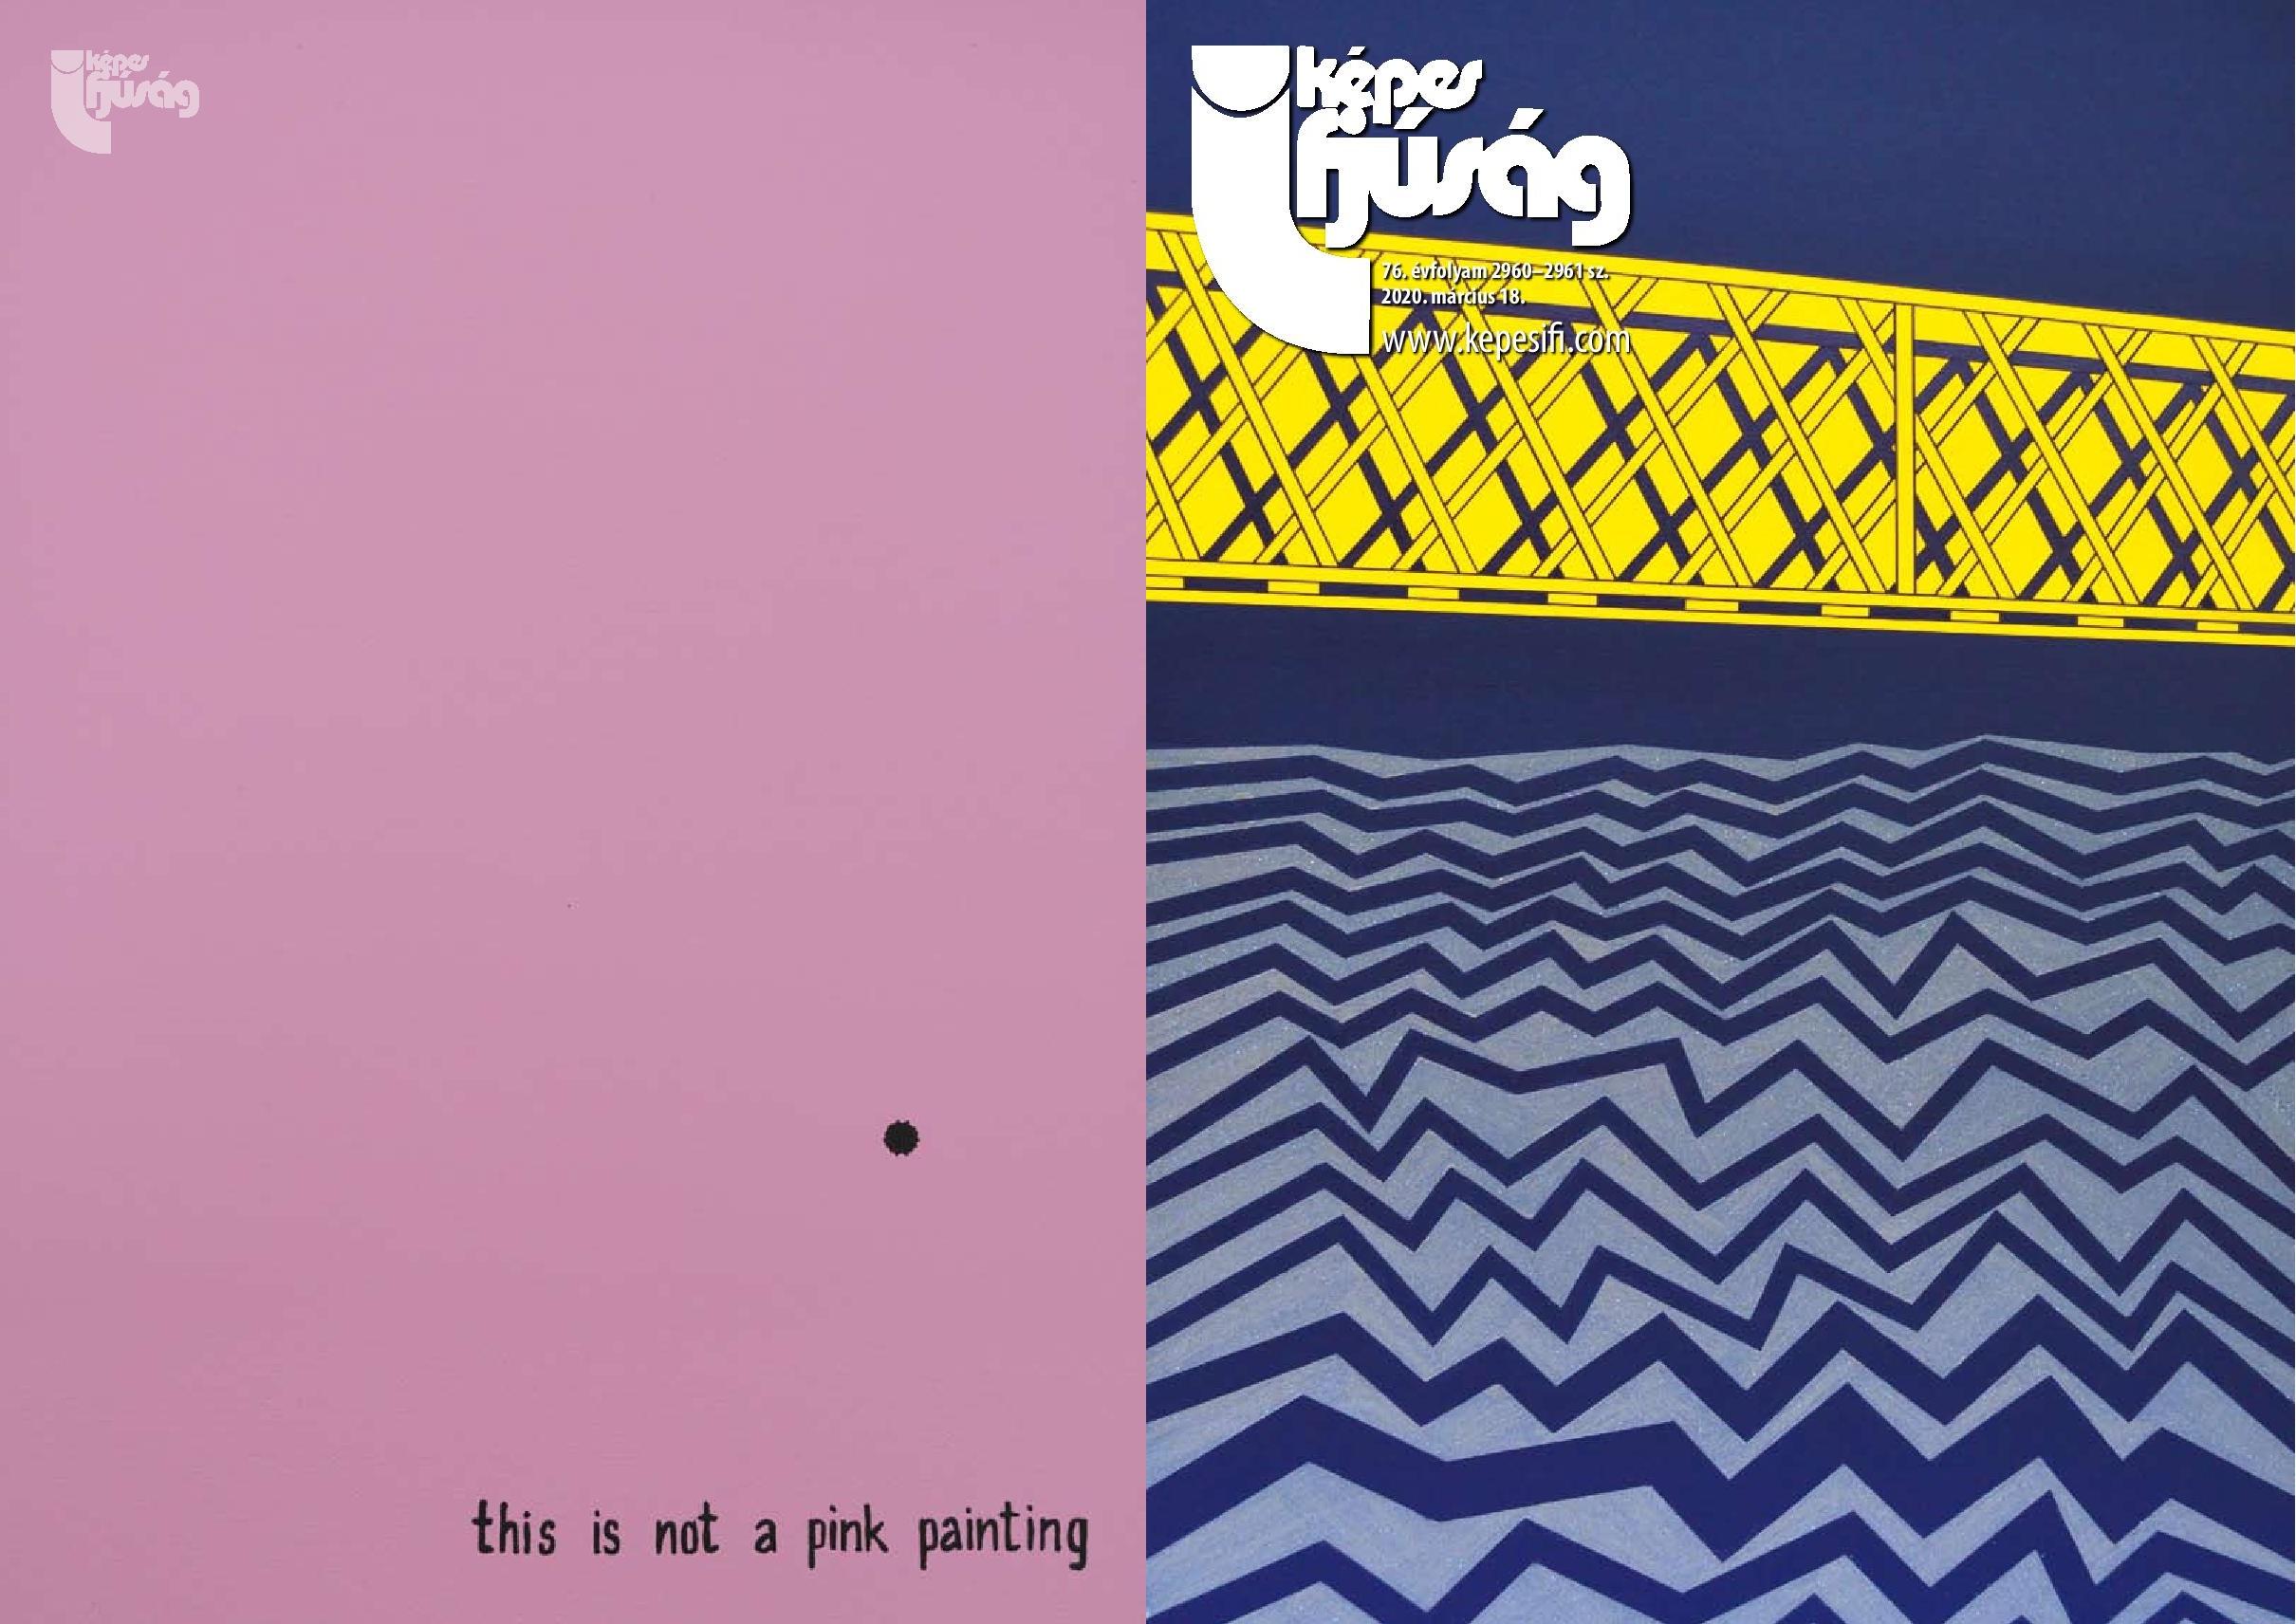 Címoldal: Gubik Korina: Zentai híd II. – 2019, 150x90cm, akril, homok, vászon Hátsó oldal: Gubik Korina: This Is Not A Pink Painting, 2019, 50x40cm